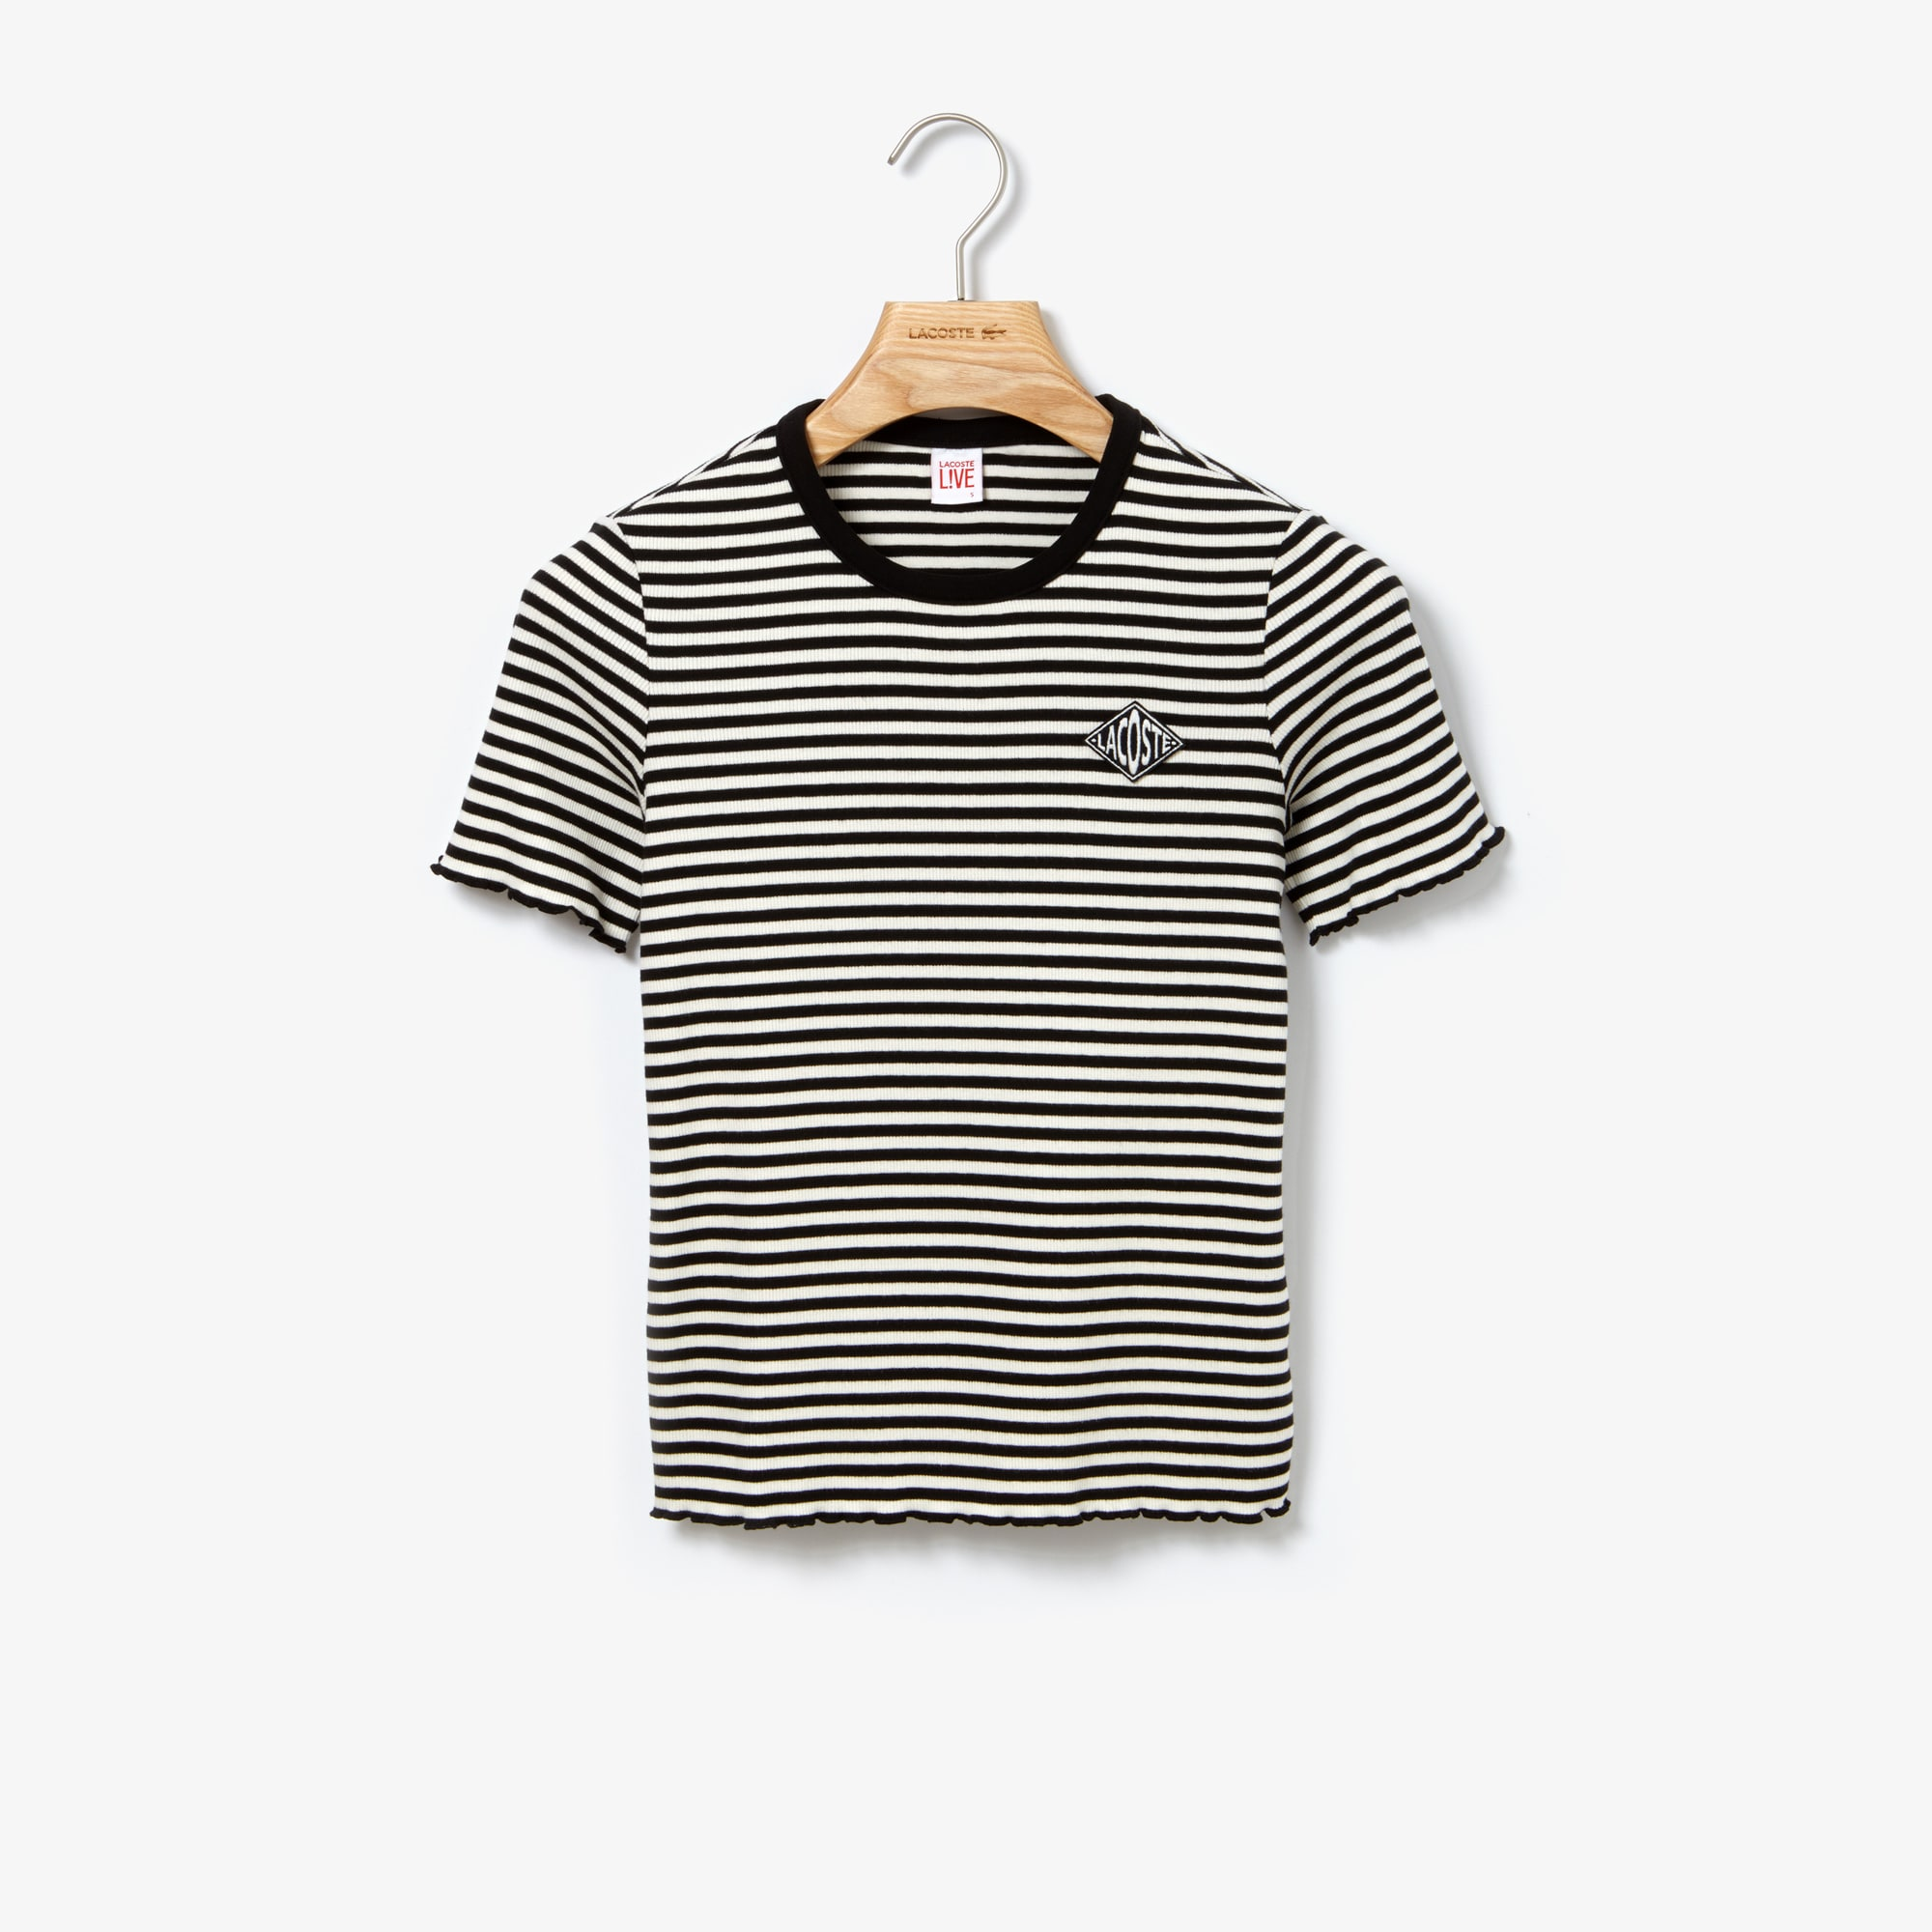 Women's LIVE Crew Neck Cotton T-Shirt